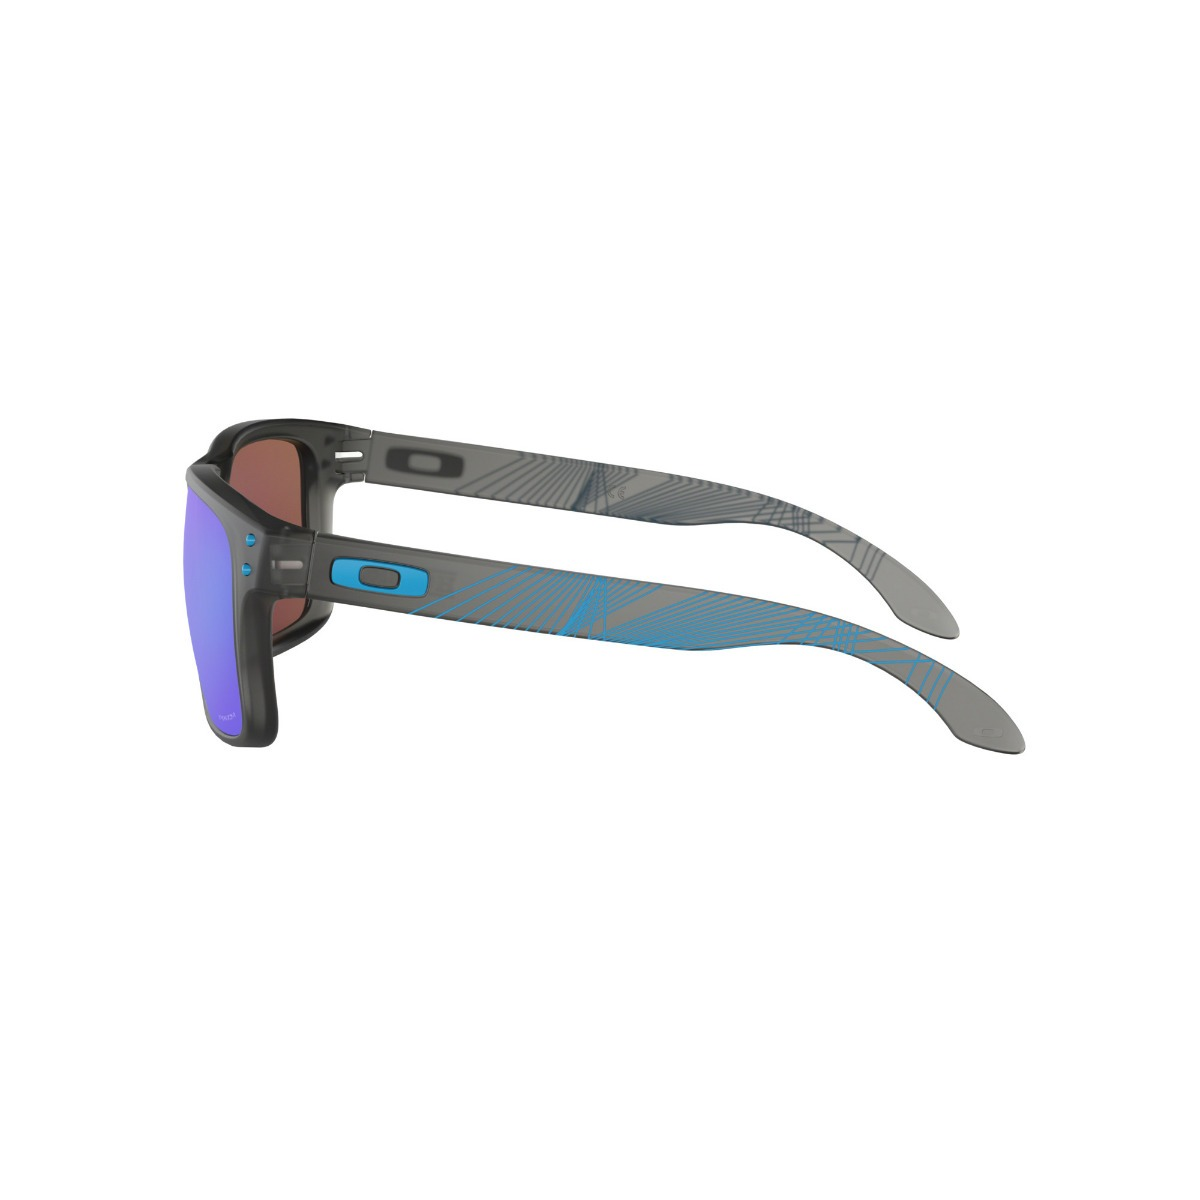 81a878ec6b770 lentes de sol oakley prizm sapphire hombre oo9102 9102f2. Cargando zoom.